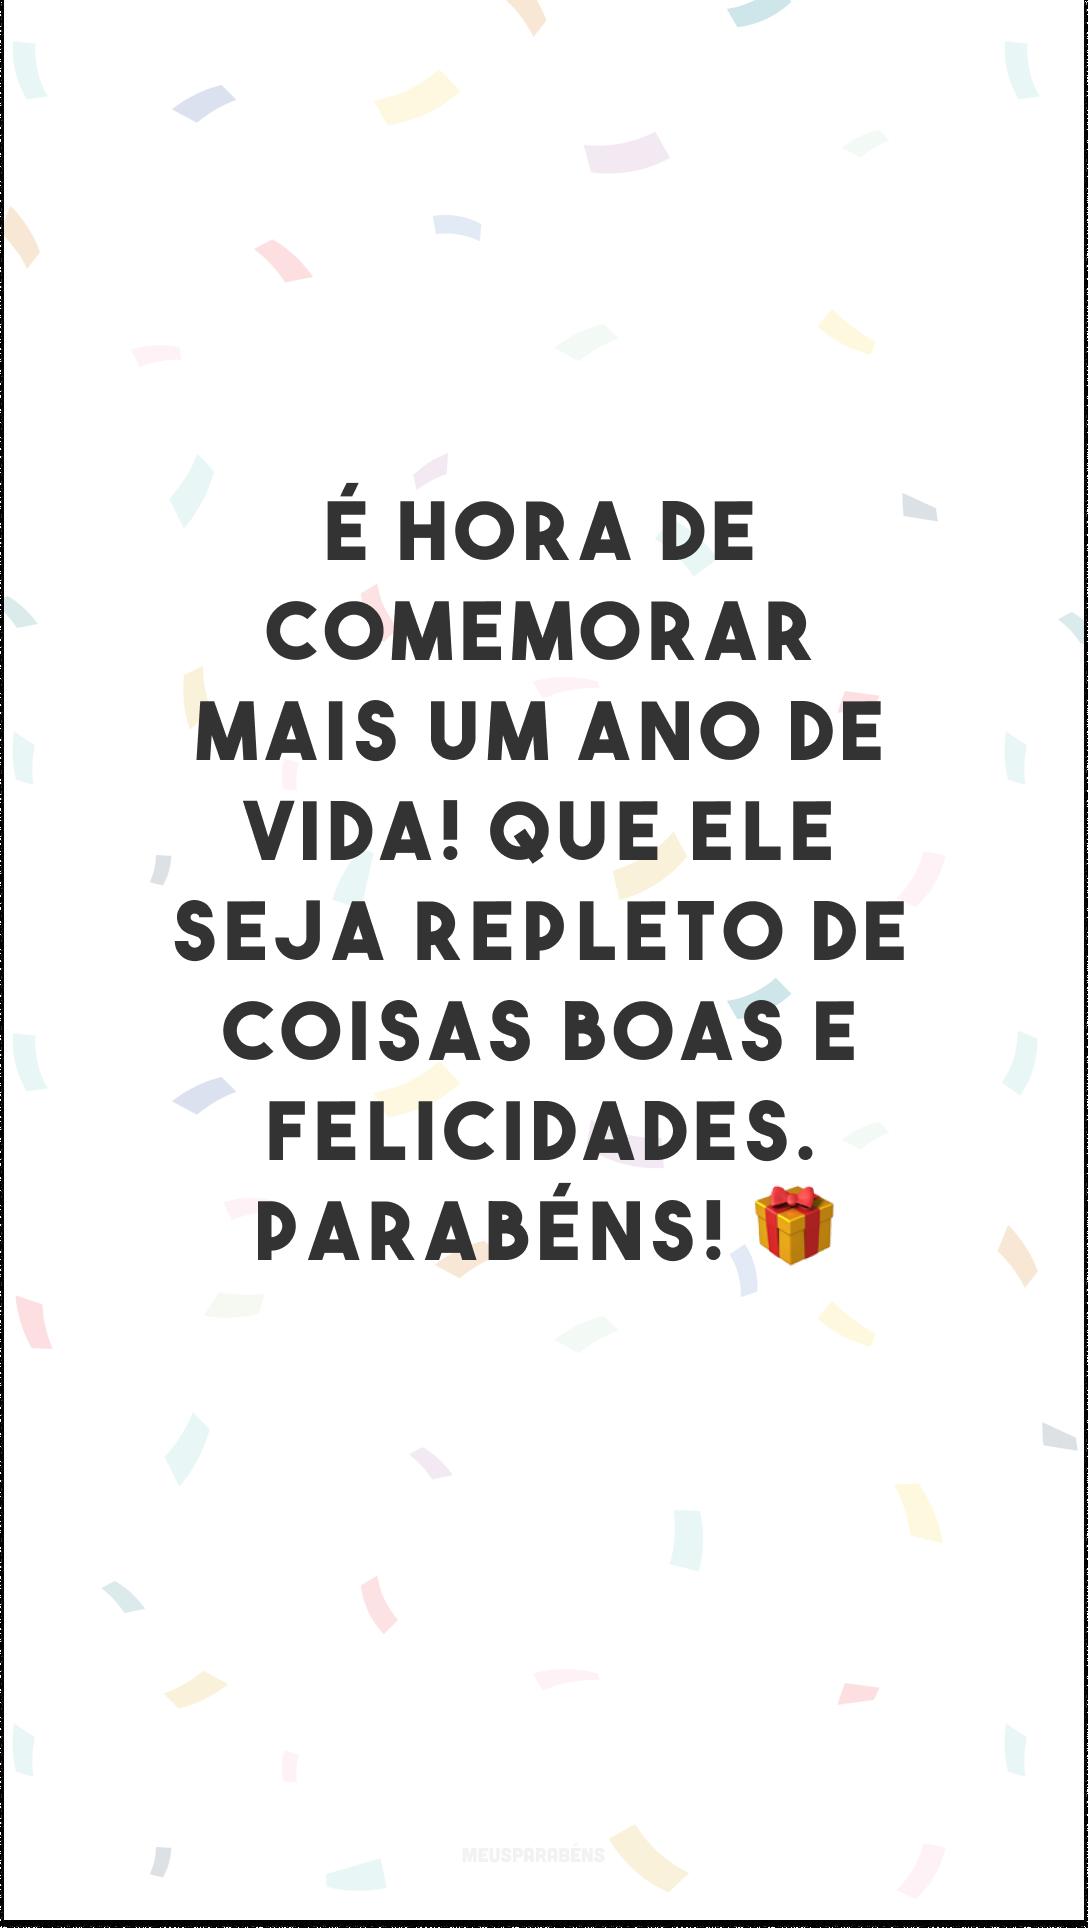 É hora de comemorar mais um ano de vida! Que ele seja repleto de coisas boas e felicidades. Parabéns! 🎁